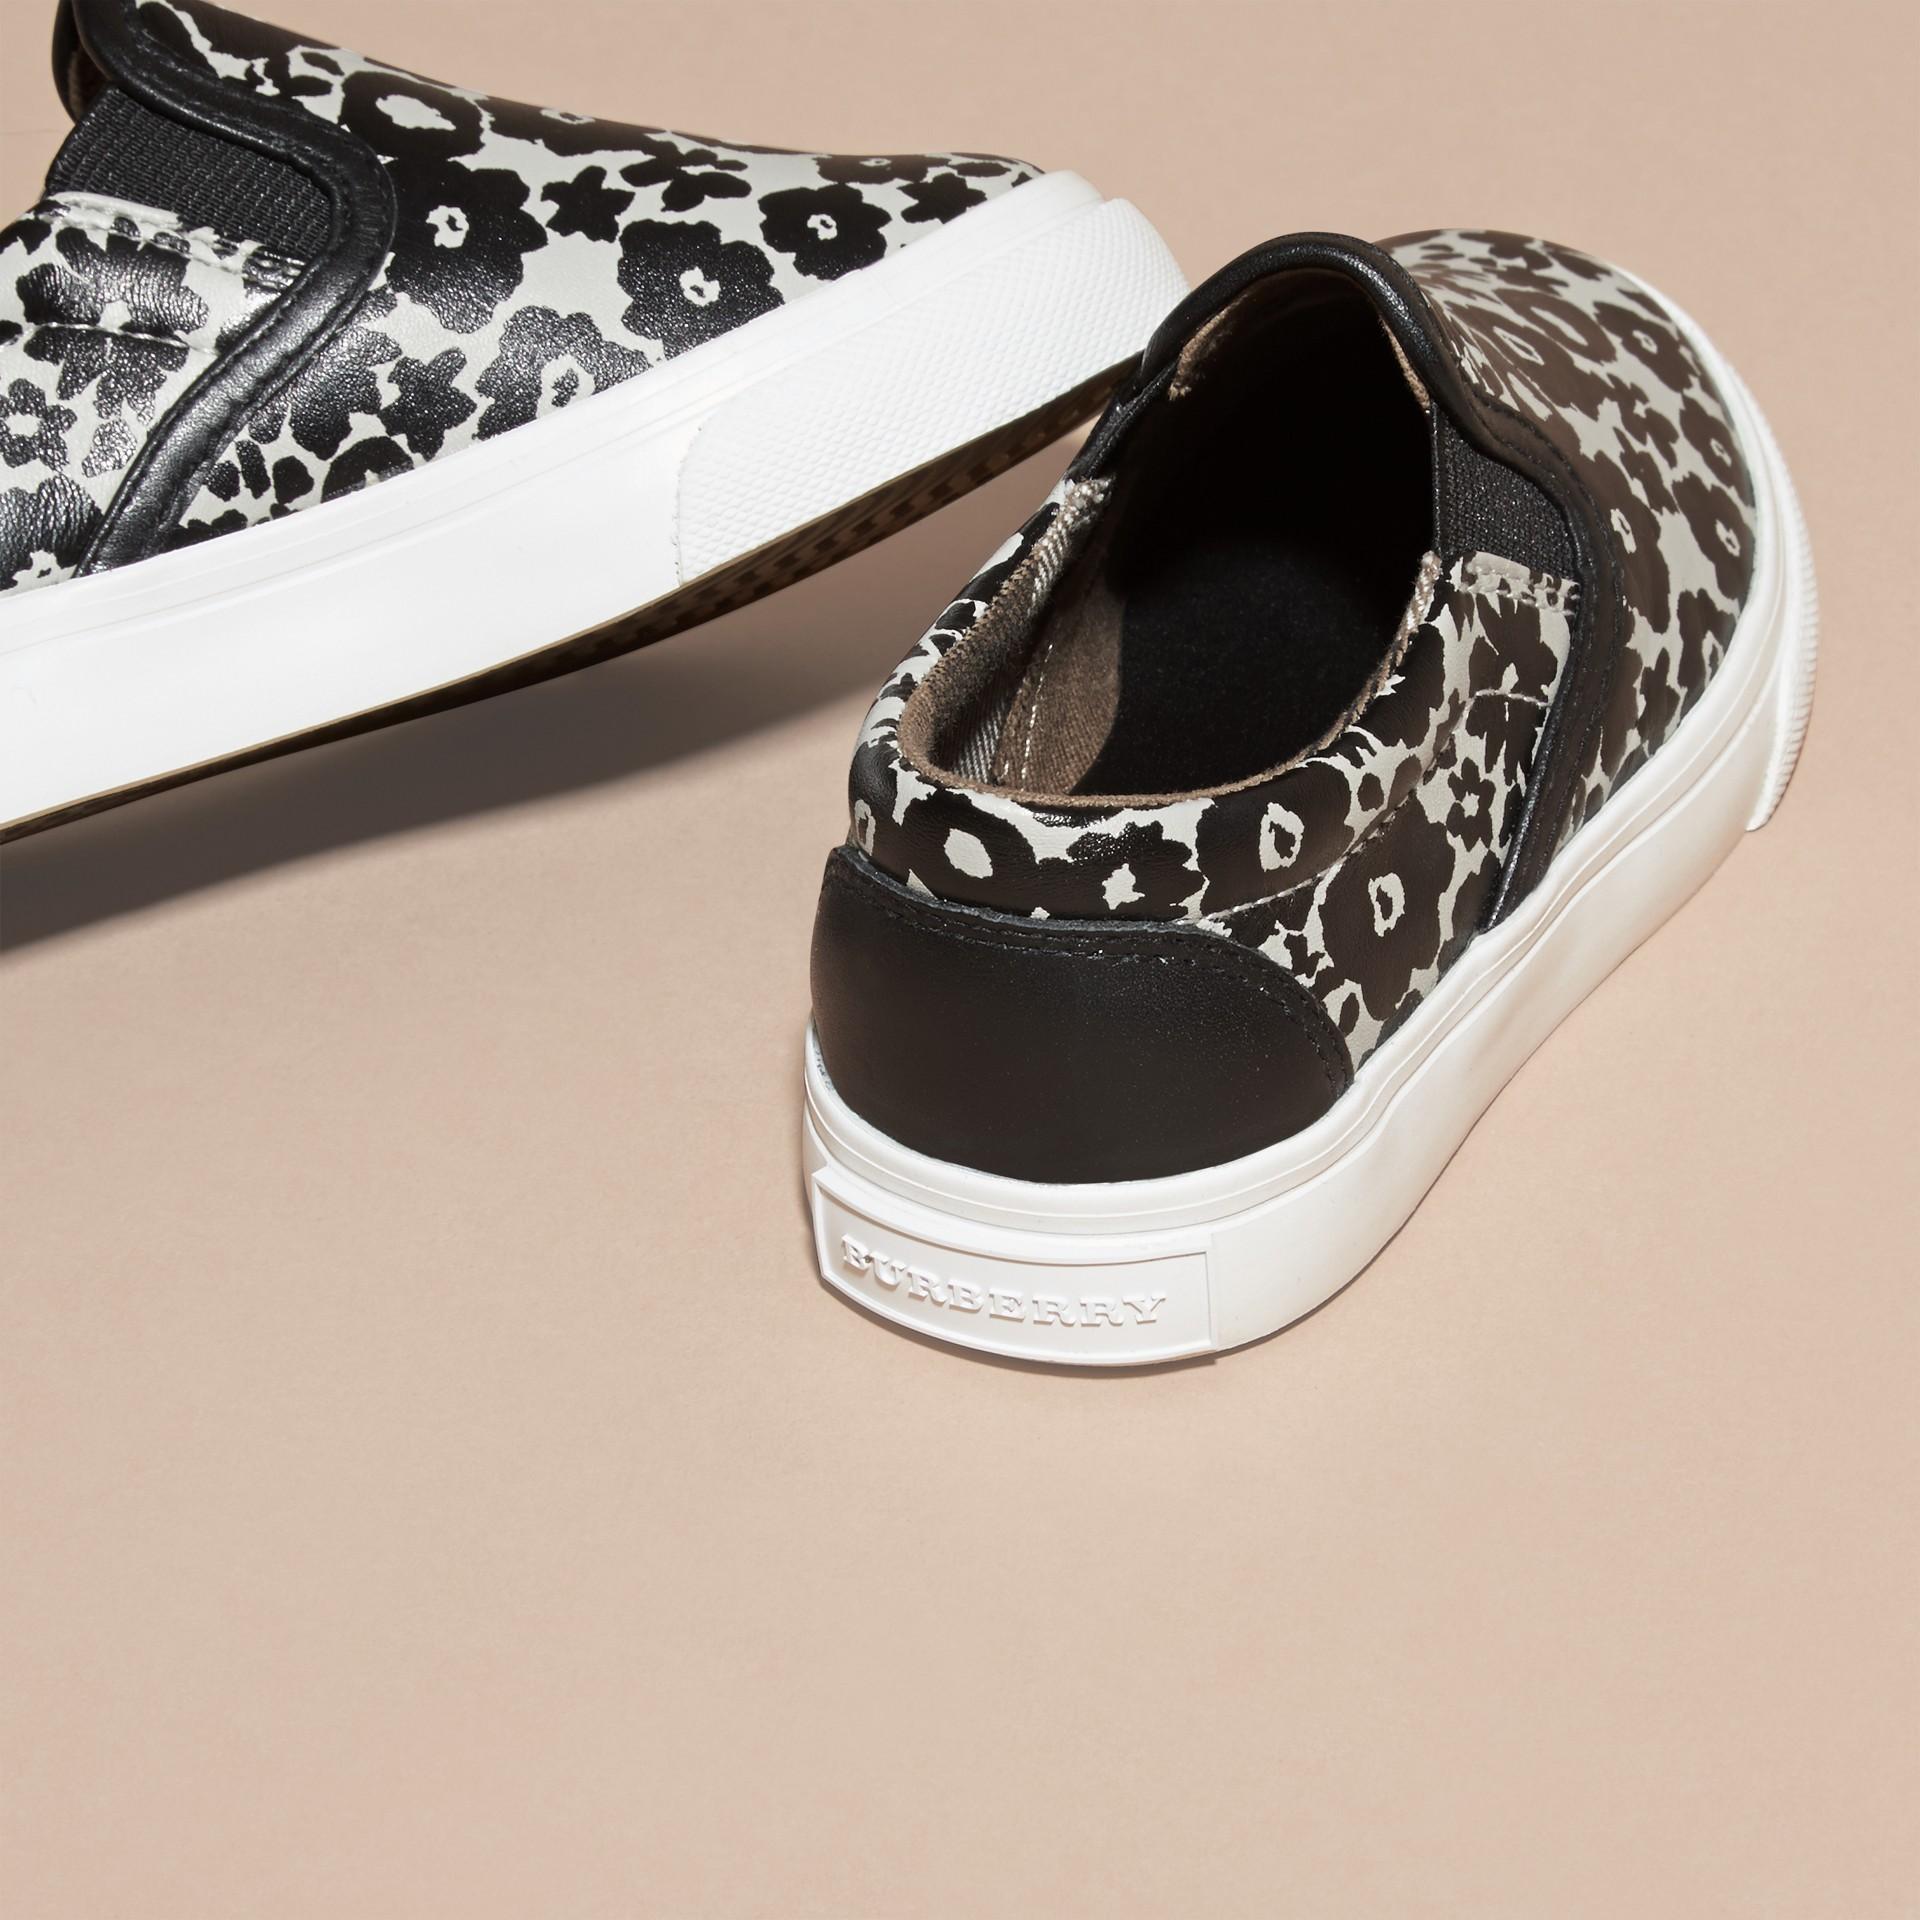 Nero/bianco Sneaker senza lacci in pelle con stampa floreale - immagine della galleria 4